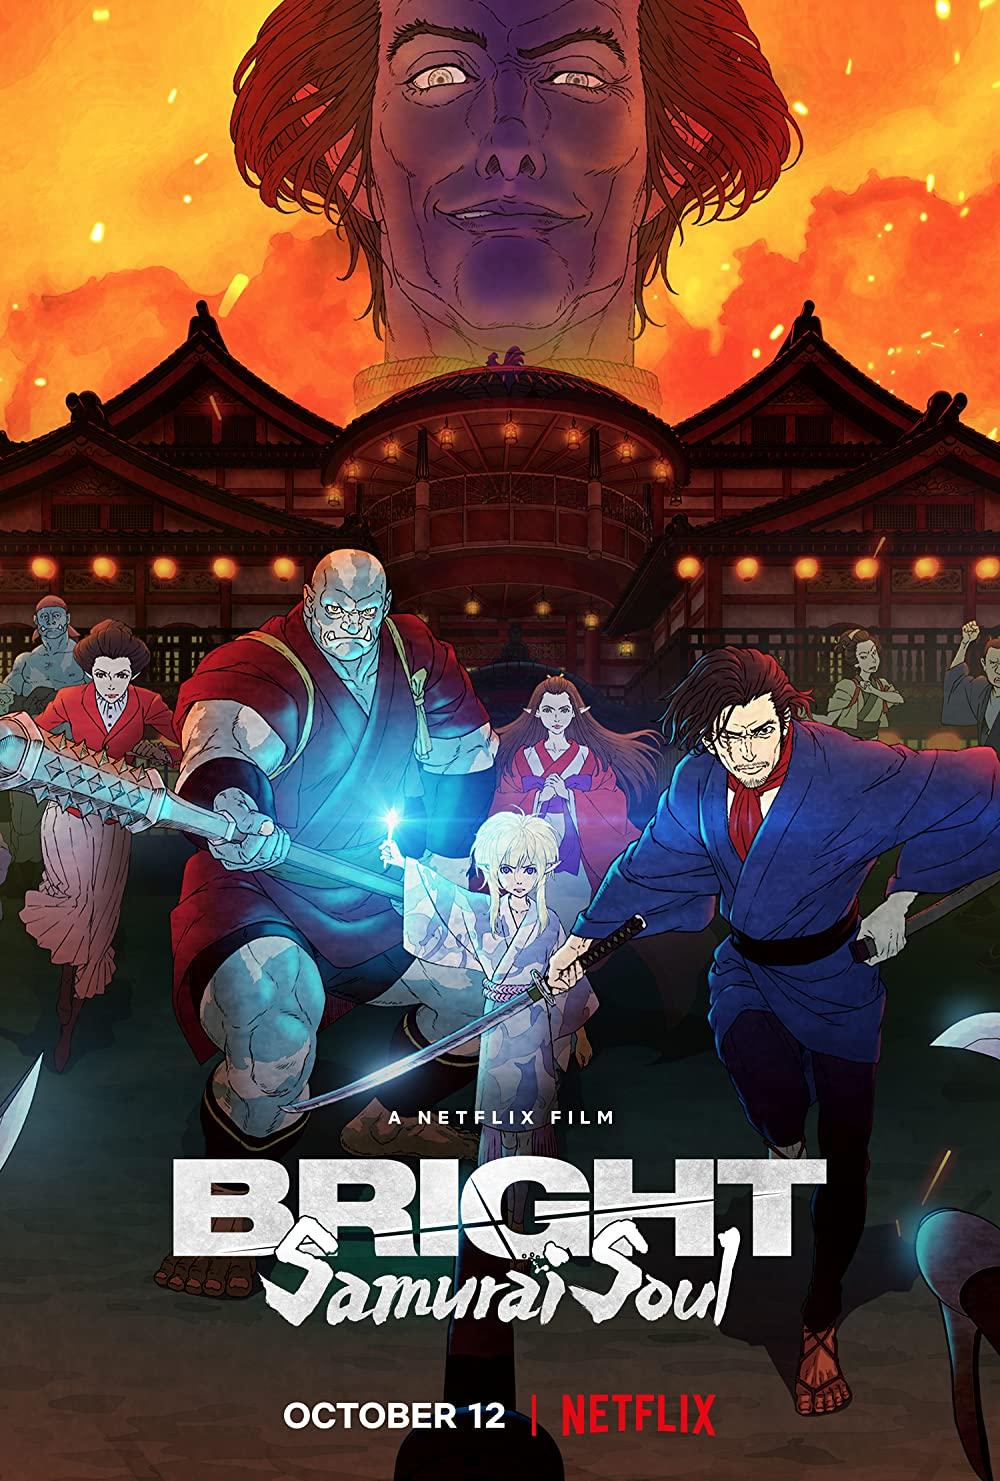 Bright Samurai Soul ไบรท์ จิตวิญญาณซามูไร พากย์ไทย